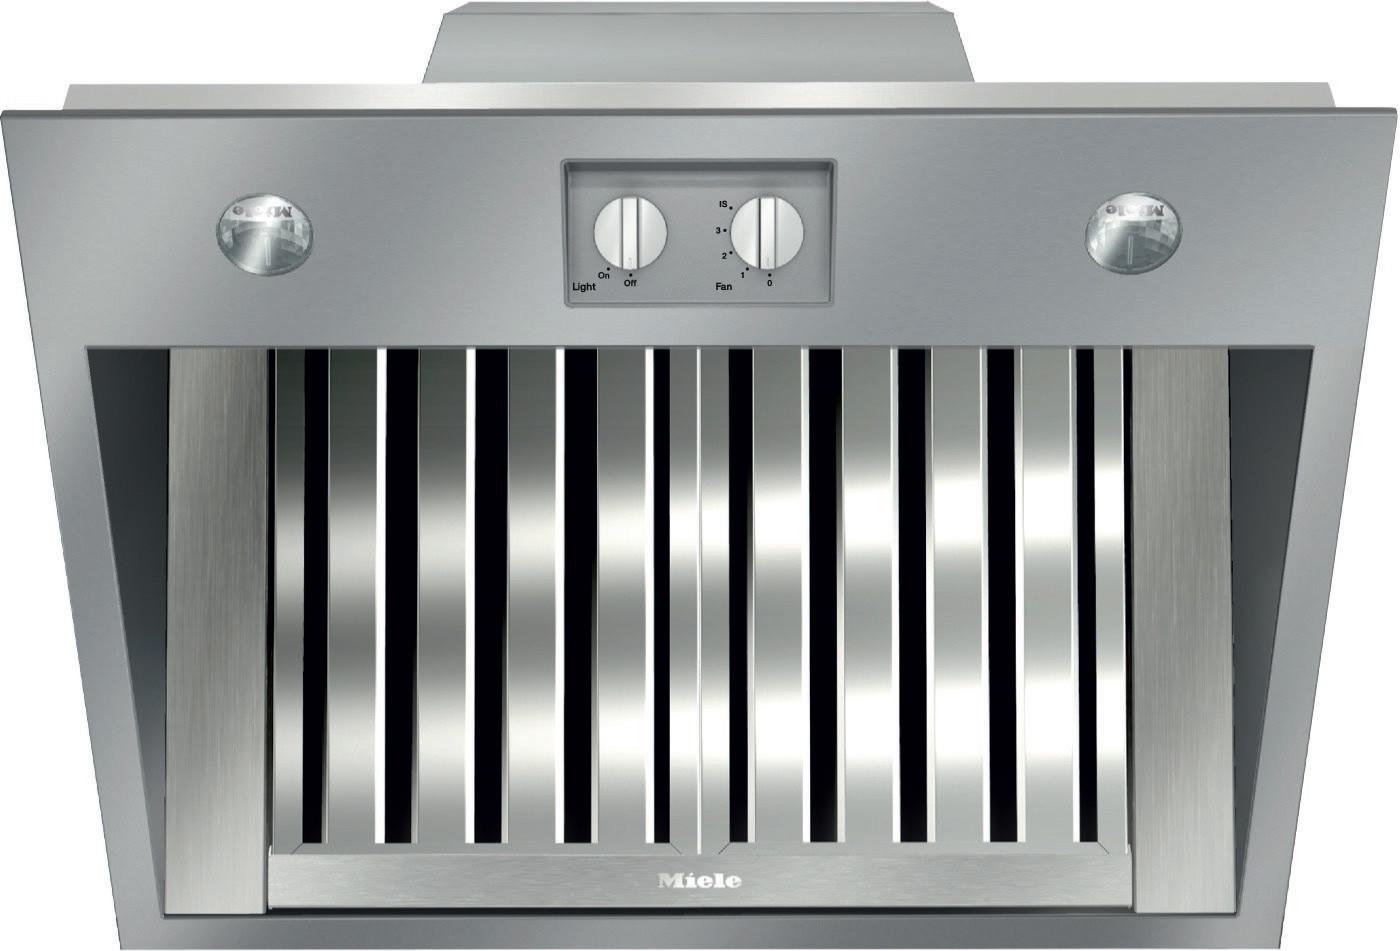 Miele Range Hood Stainless Steel DAR1120